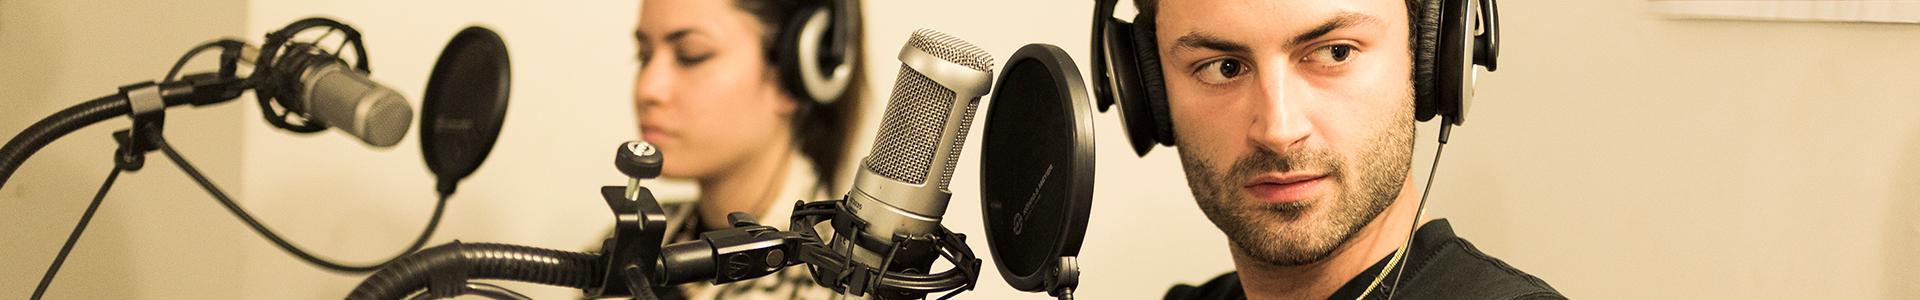 Choisissez L'EFJ pour Devenir Animateur Radio